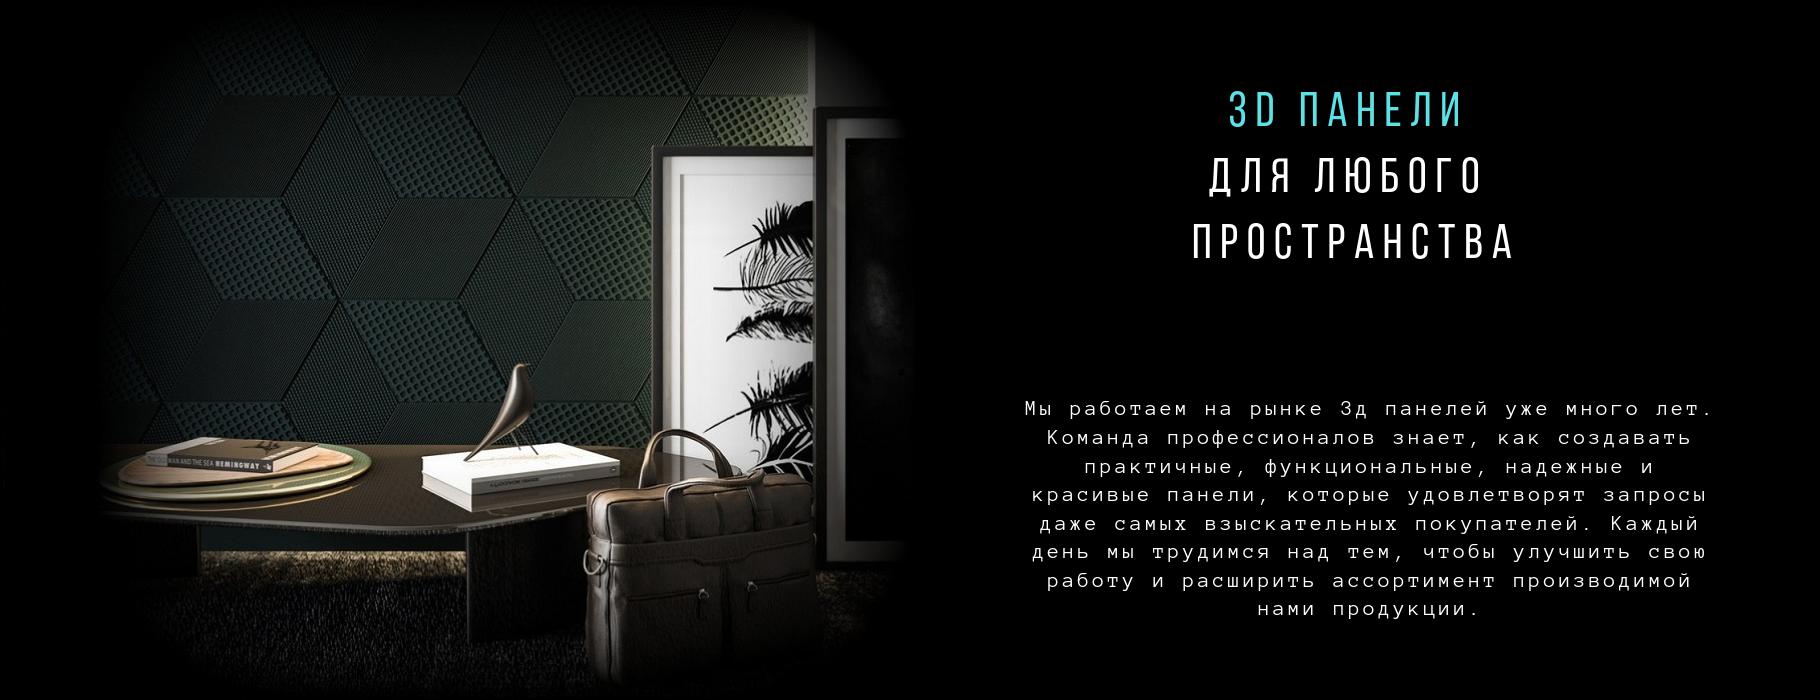 Эколгически чистые 3д панели аливио от производителя купить цена монтаж украина_alivio.com.ua .png